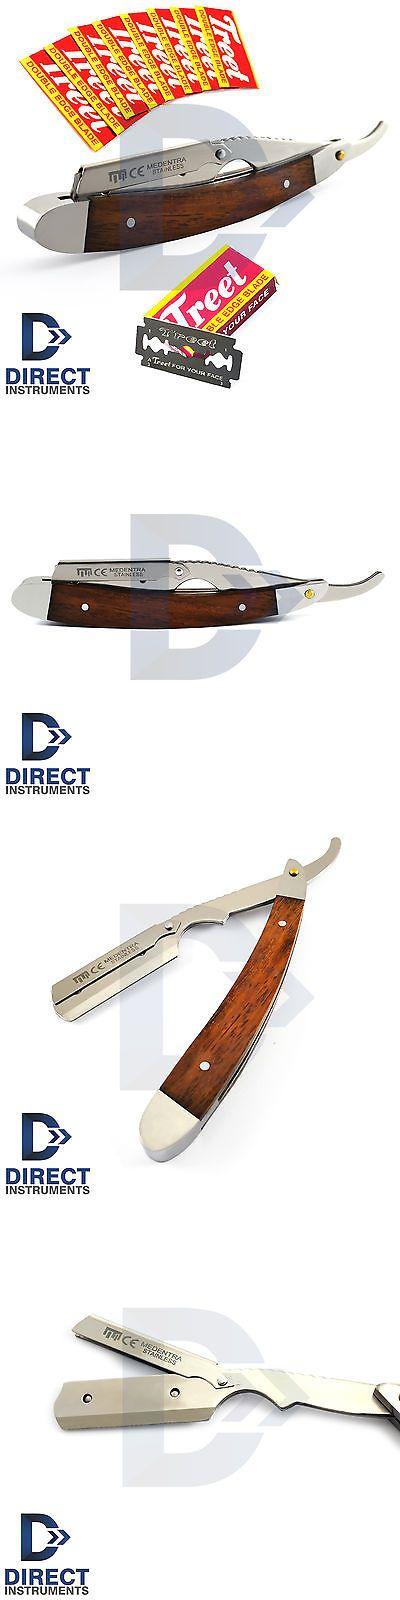 Straight Razors: Men S Throat Best Straight Razor Folding Knife Barber Razor Classic Shaving Gift -> BUY IT NOW ONLY: $50 on eBay!